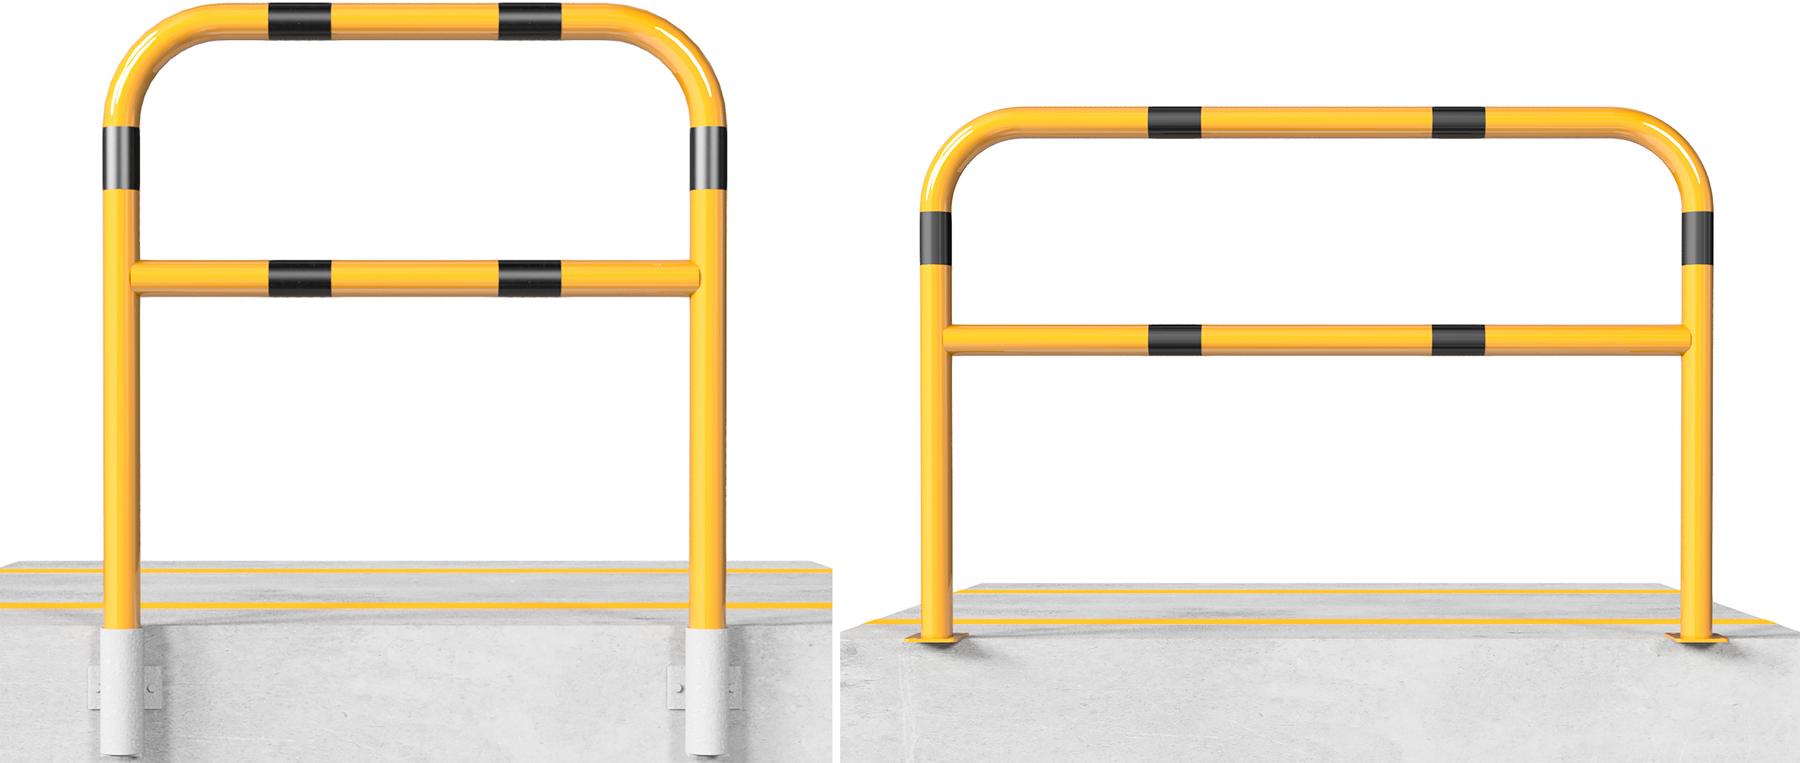 Schake Sperrbügel Stahl mit Knieholm Ø 60 mm gelb | schwarz